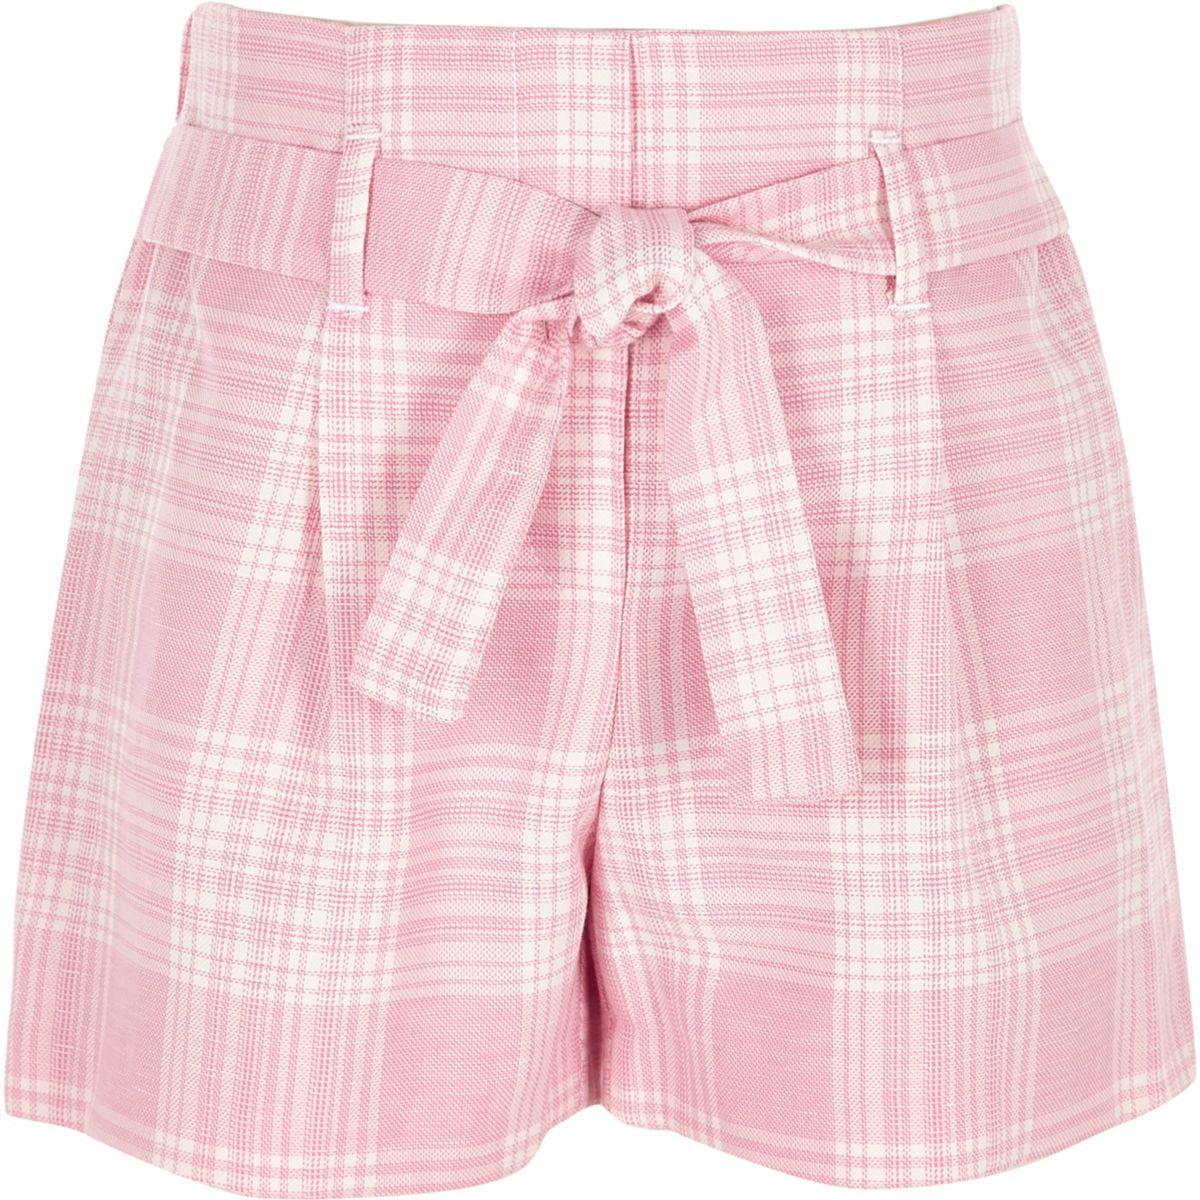 Rosa karierte Shorts